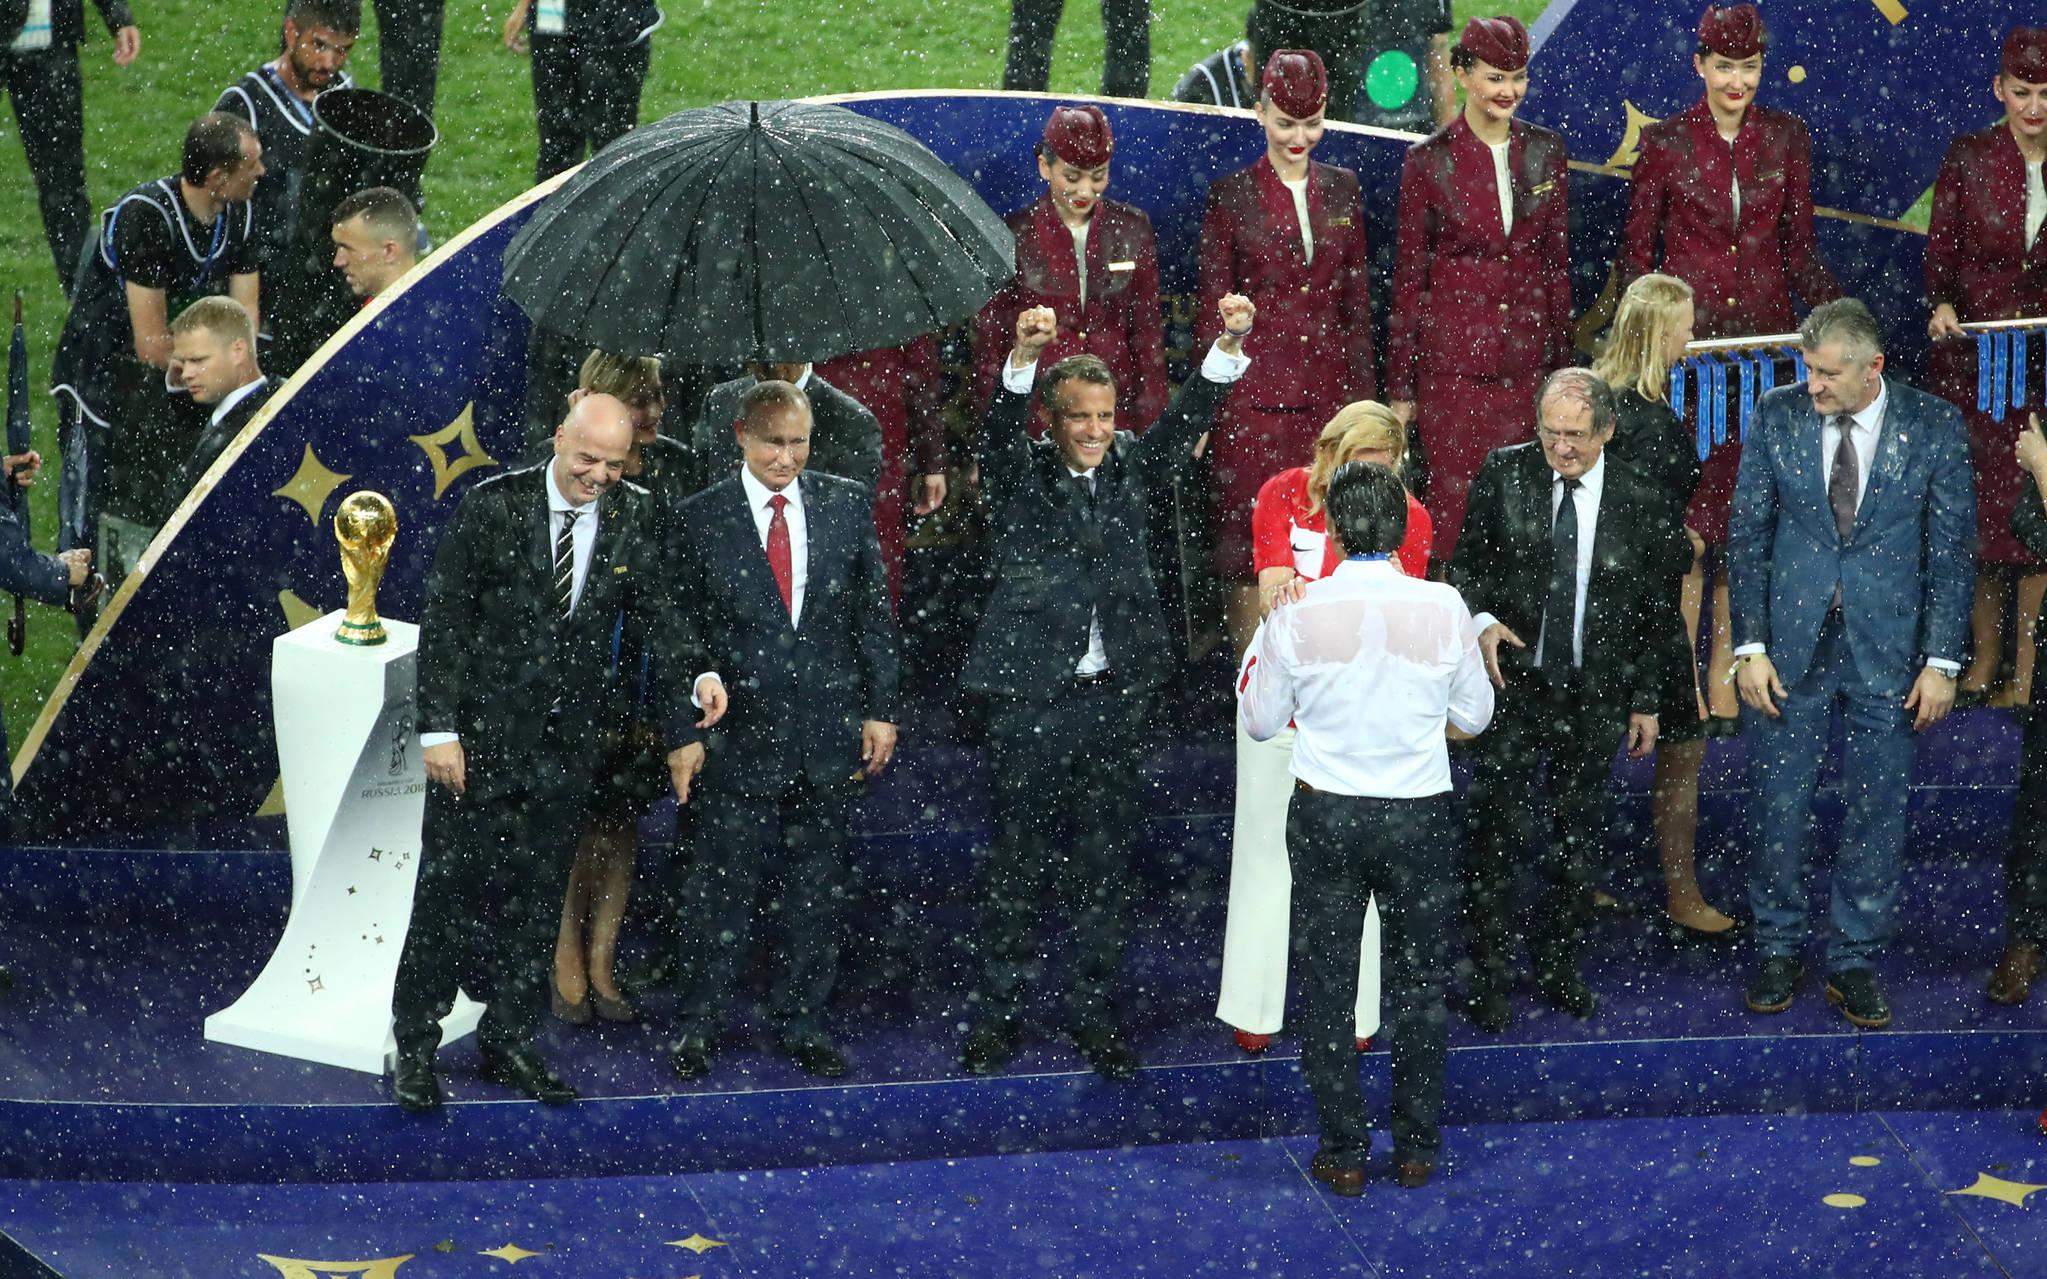 15일(현지시간) 프랑스와 크로아티아의 결승전 직후 열린 시상식에서 선수들을 격려하는 콜린다 그라바르 키다로비치 크로아티아 대통령과 엠마누엘 마크롱 프랑스 대통령. [로이터=연합뉴스]